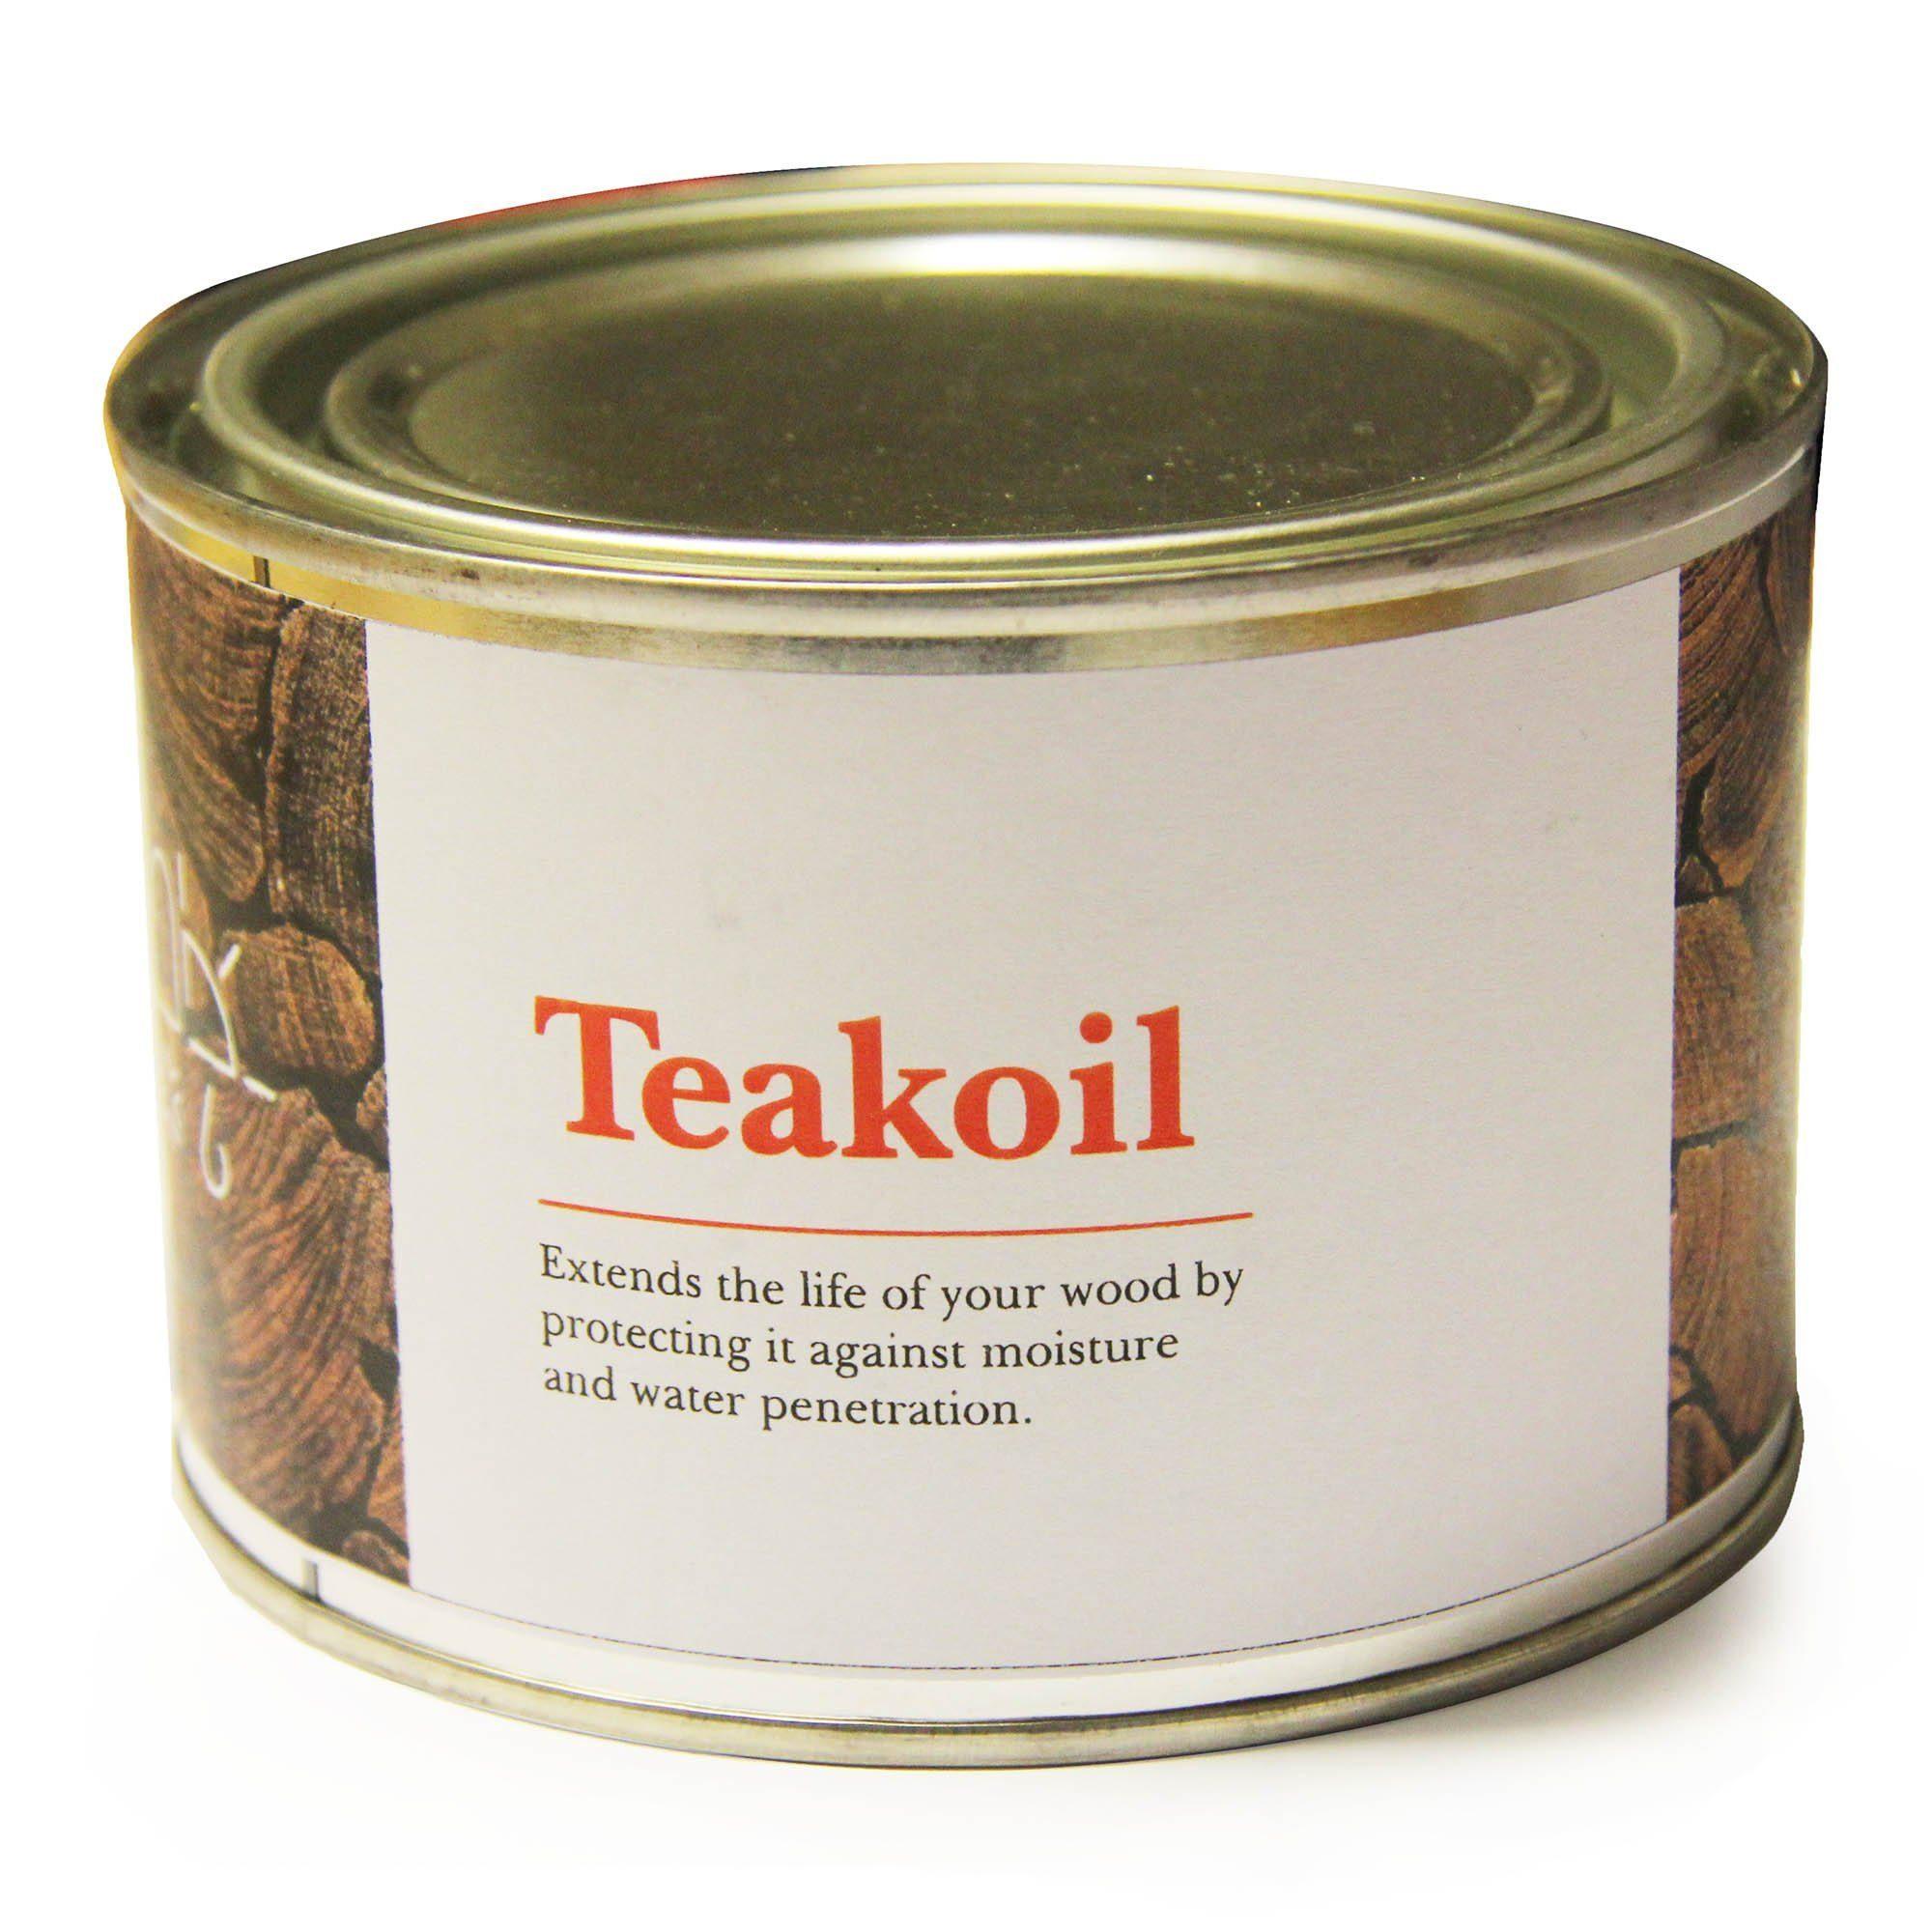 Teakolja 500 ml från Brafab.